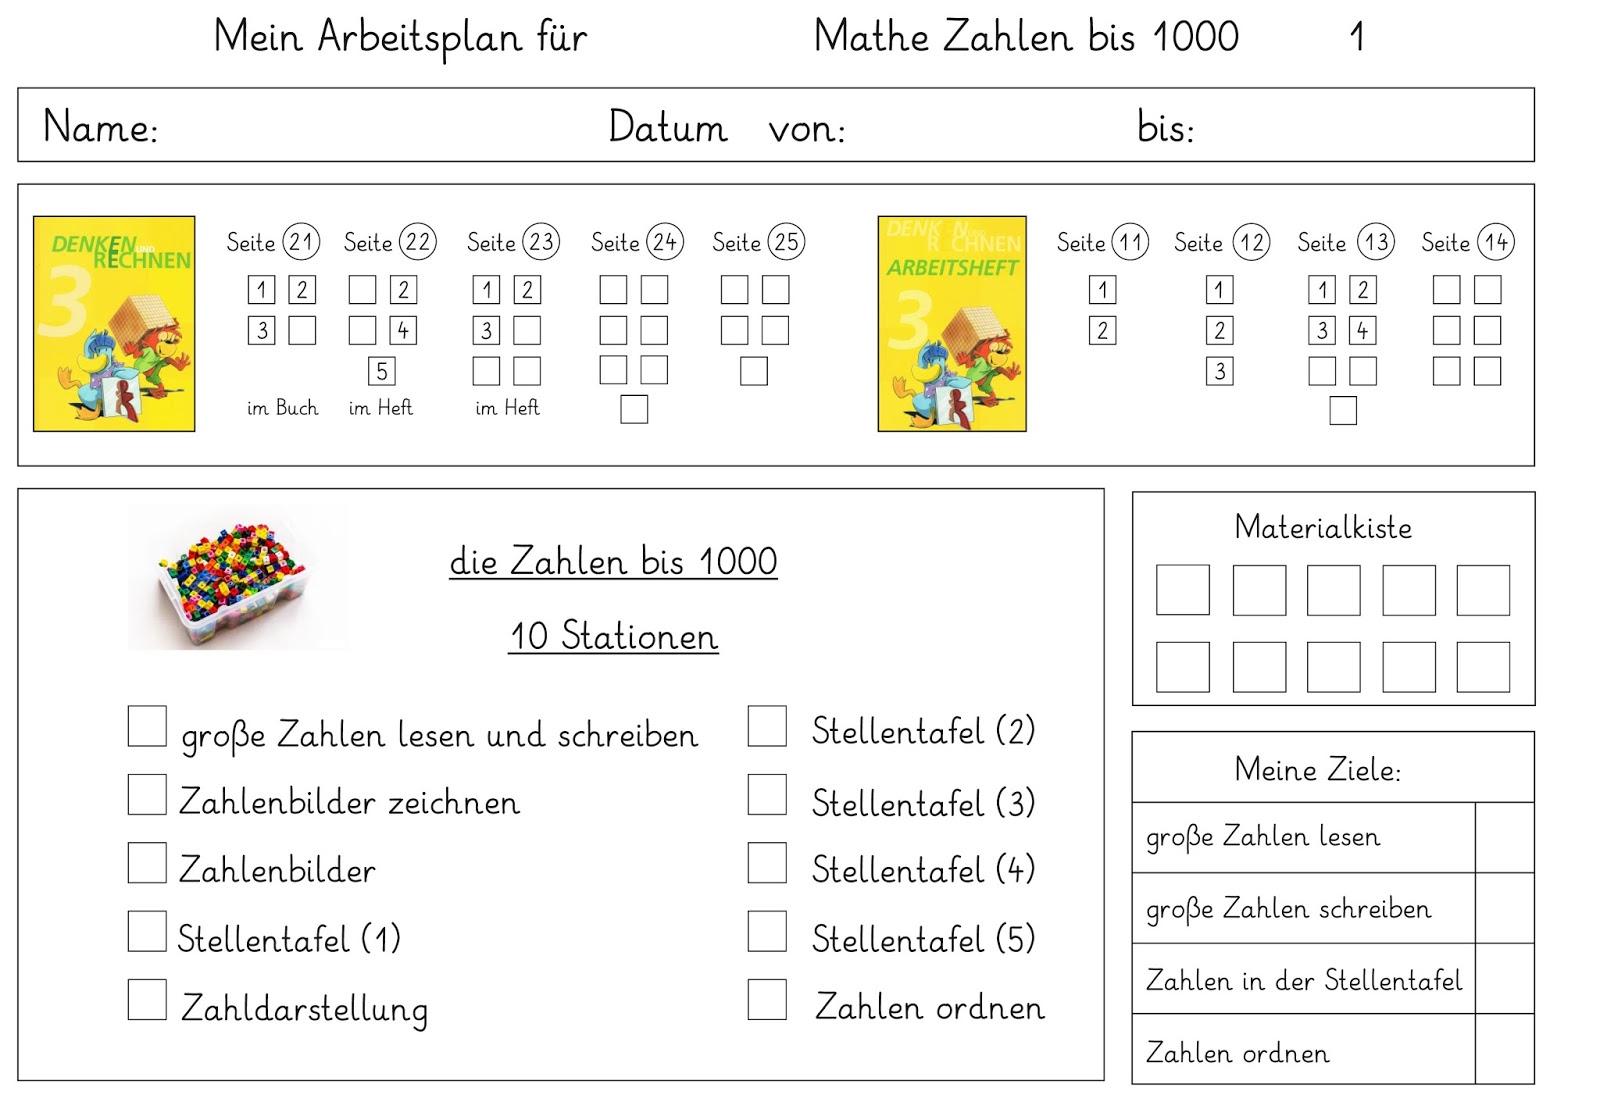 Lernstübchen: mein Arbeitsplan für Mathe